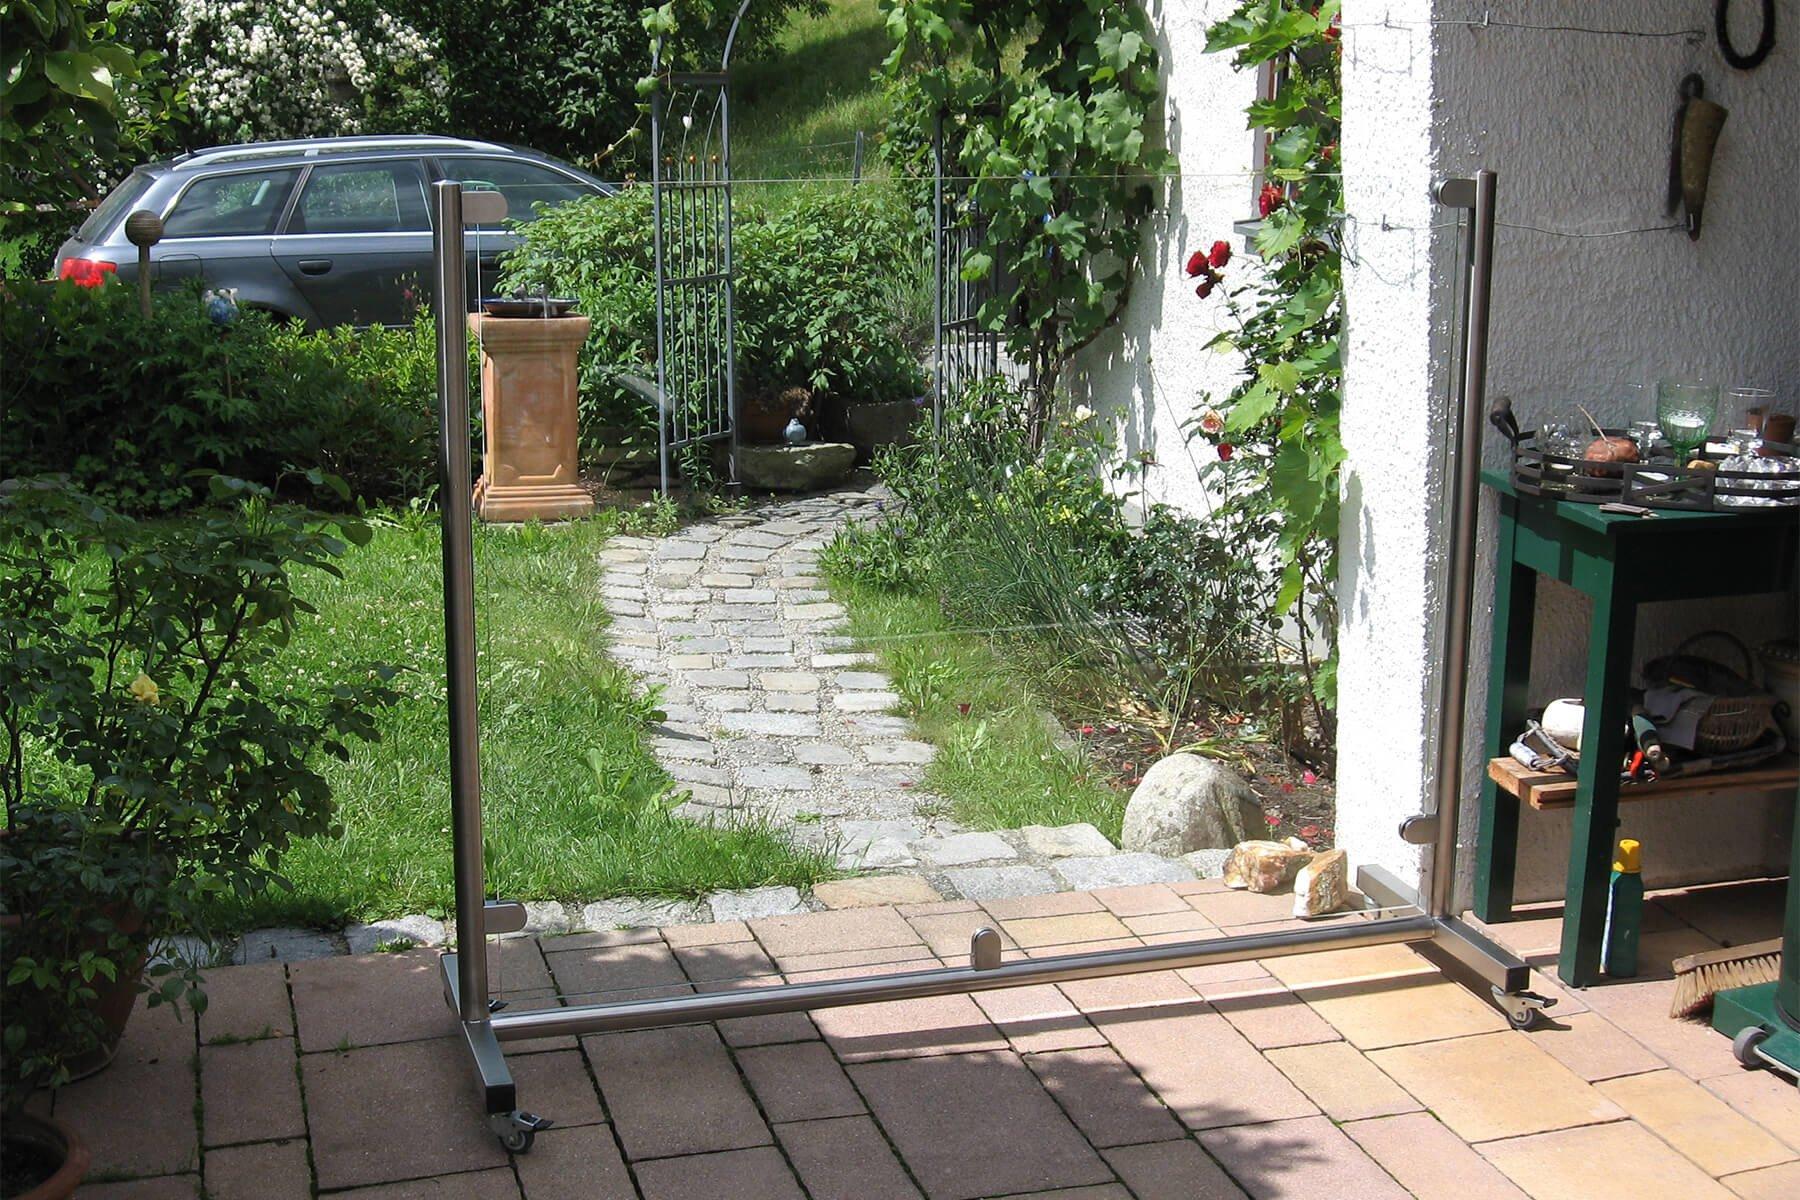 Rollbarer mobiler Windschutz ohne Sichteinschränkung flexibel platzierbar im Garten auf der Terrasse